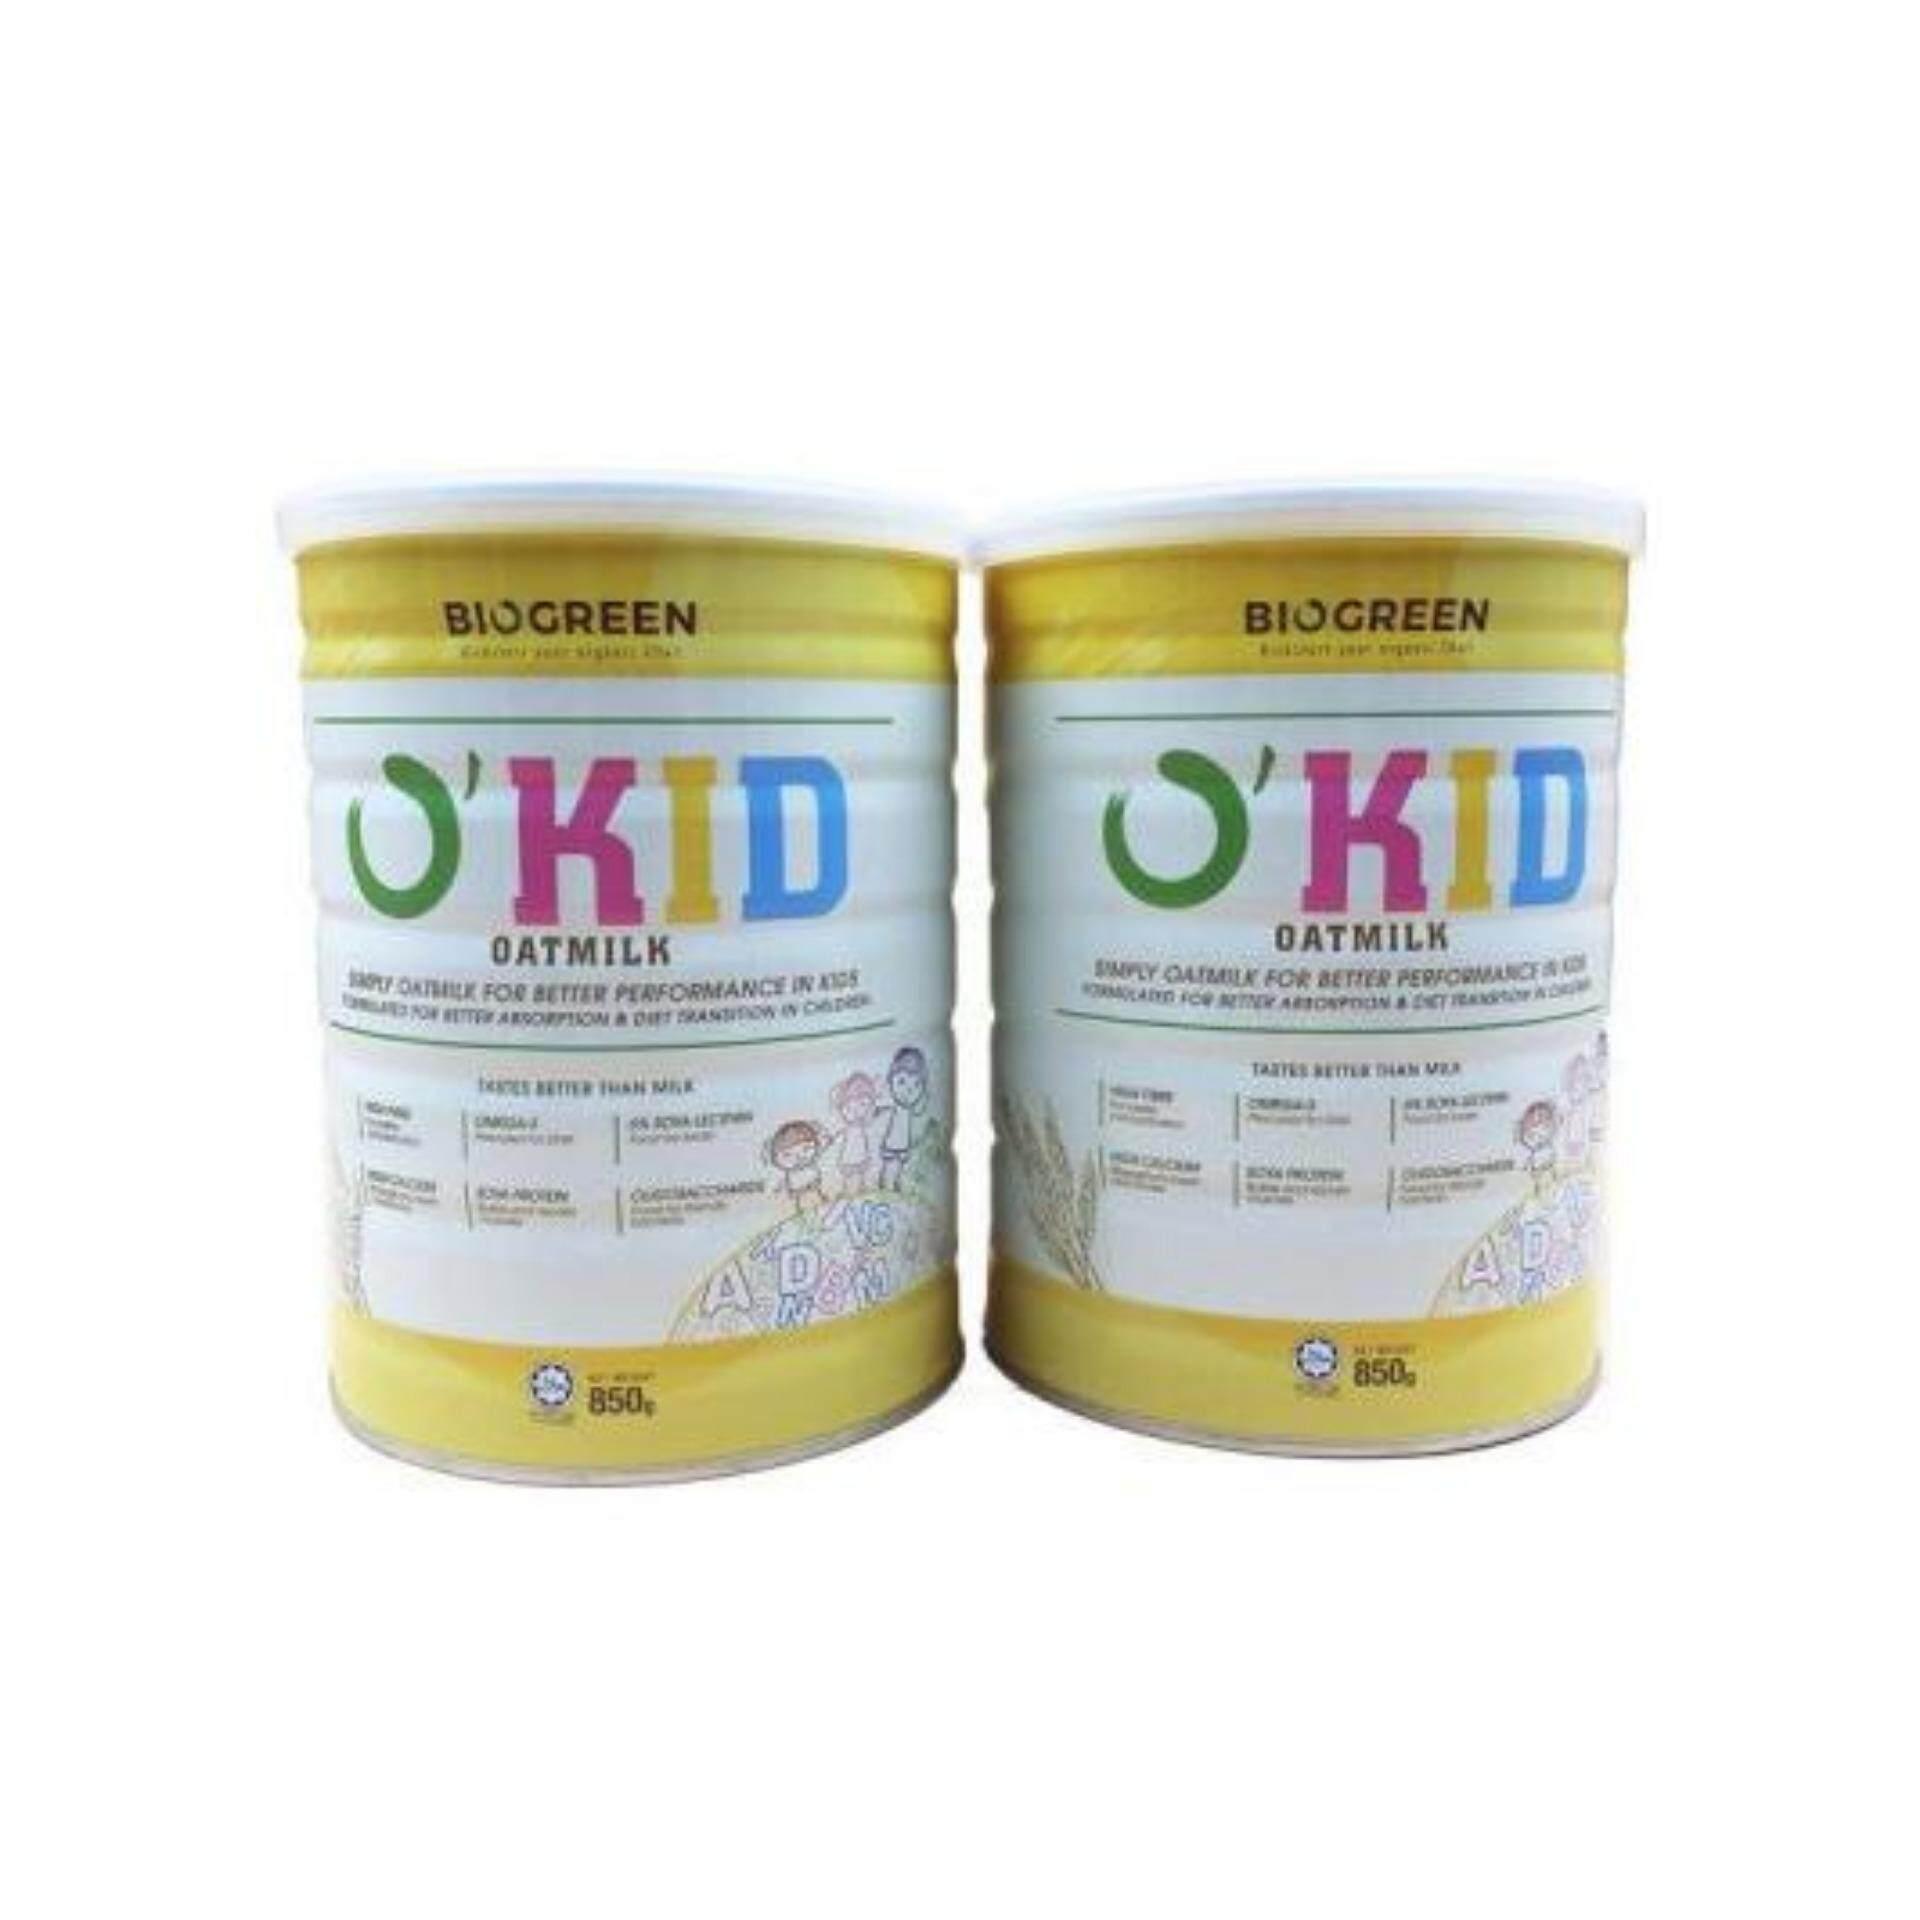 Biogreen OKid Oatmilk - 850G X 2 (TWIN PACK)- Okid Oat Milk- New Packaging